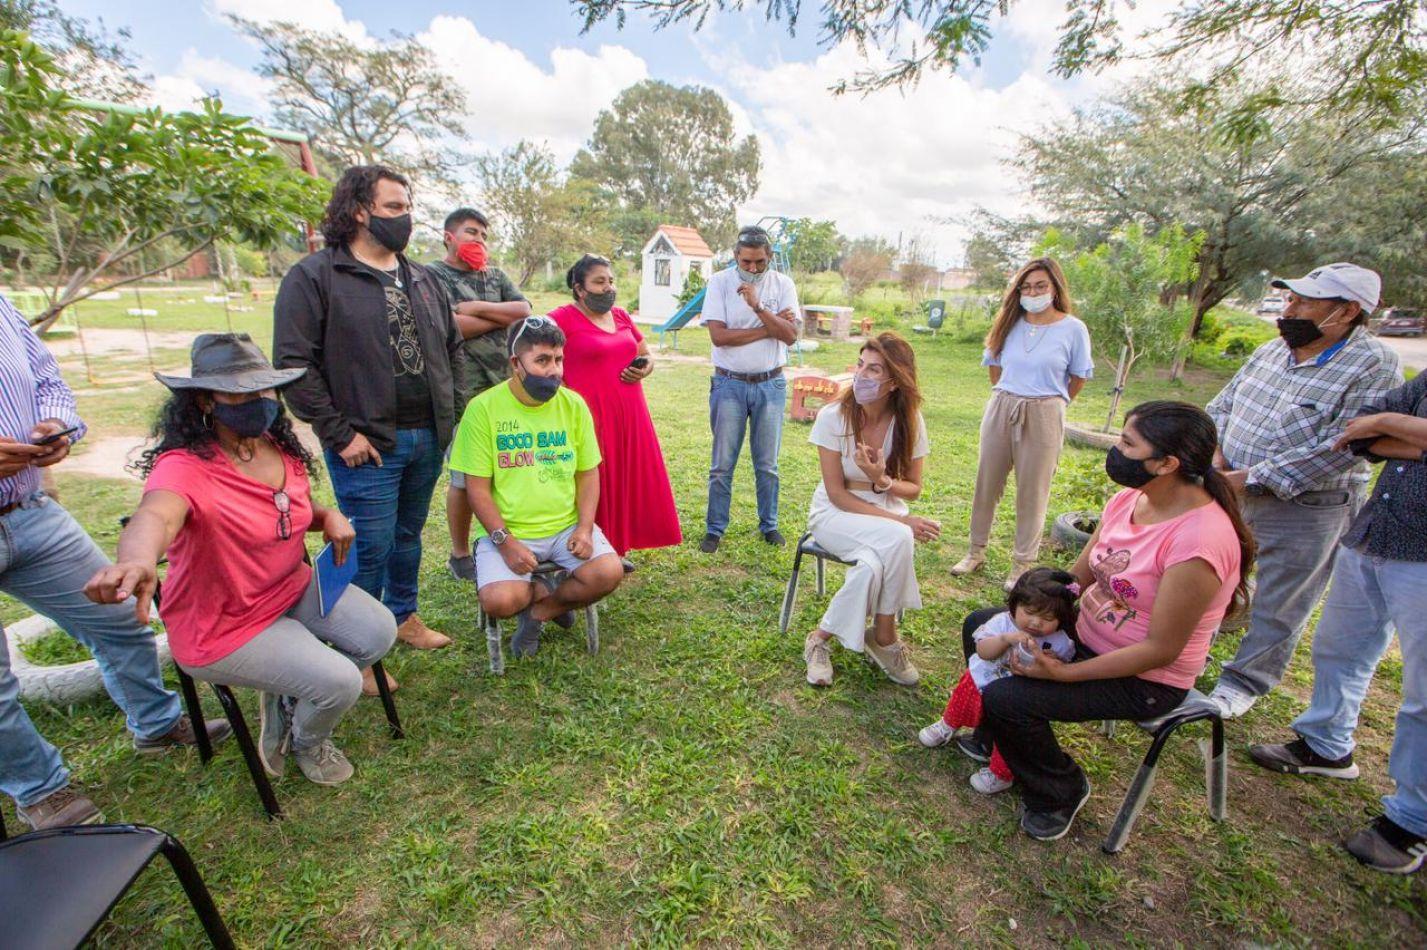 """Bettina Romero: """"Trabajamos junto a los vecinos para que la zona sudeste avance luego de años de postergación"""""""